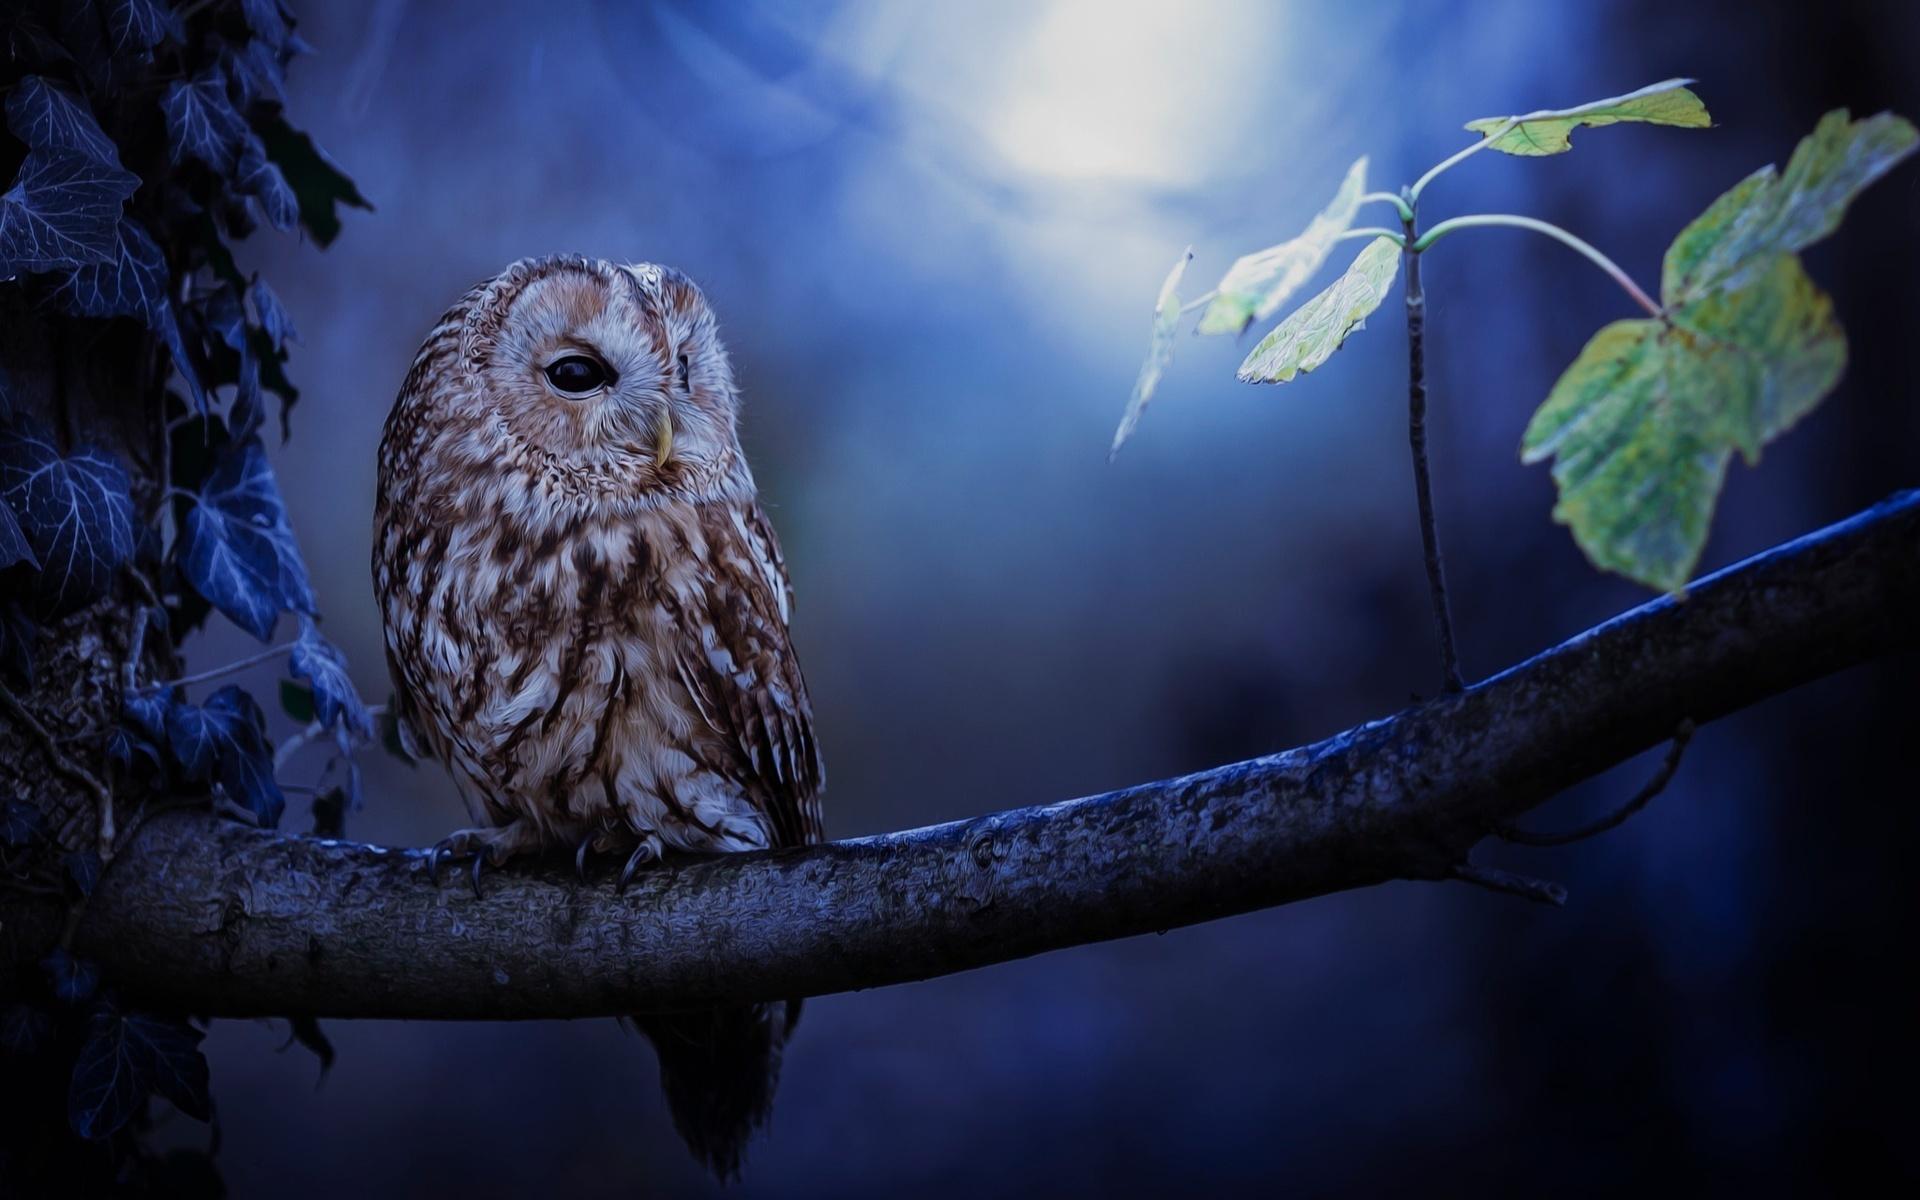 картинки птицы ночью где